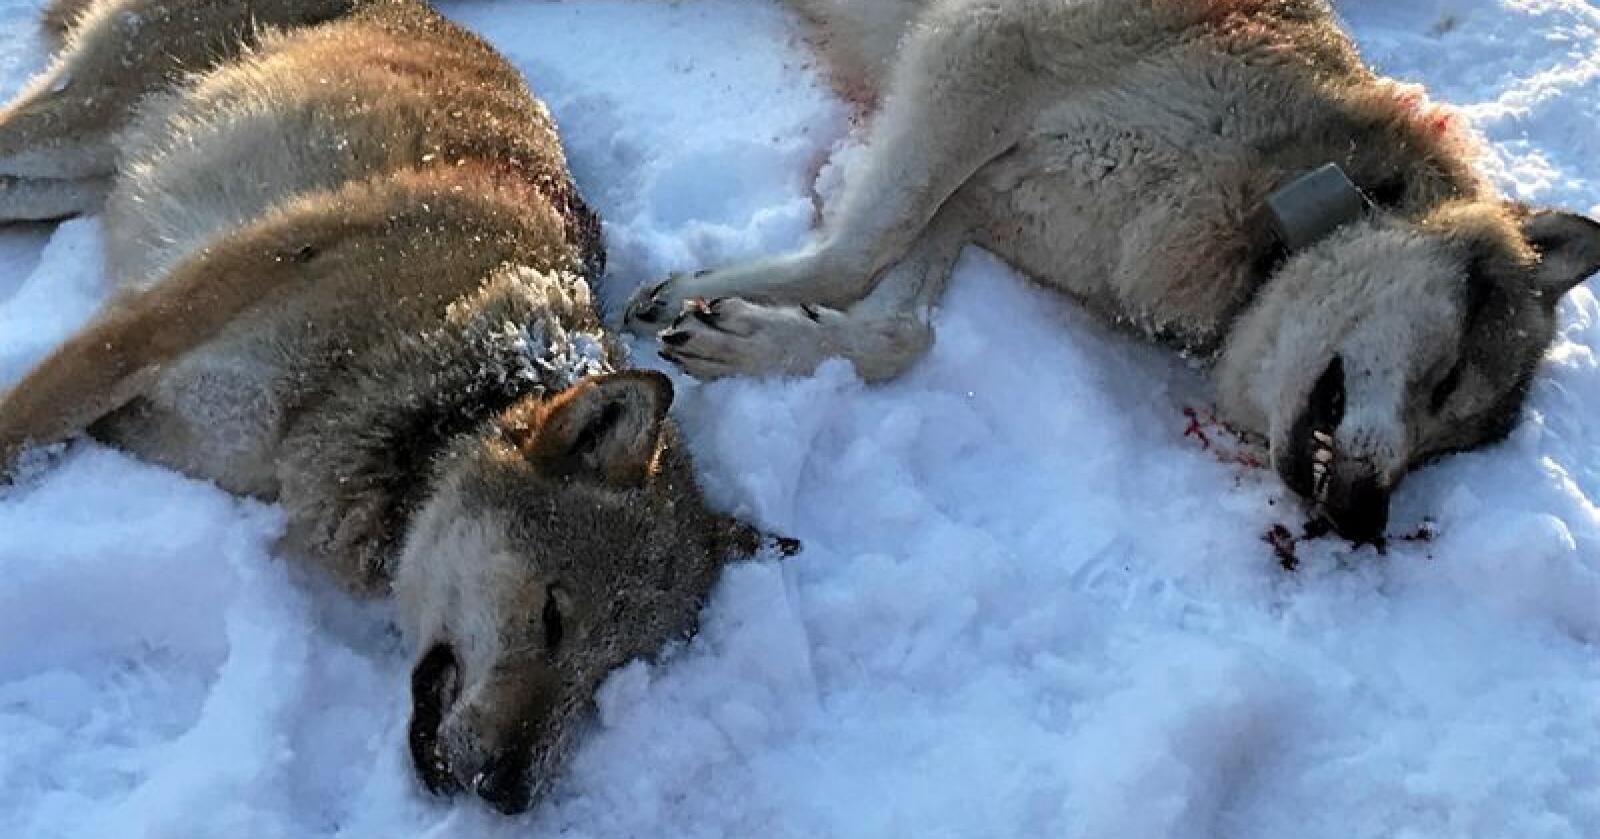 Ulvene som ble skutt i Trysil i Hedmark tirsdag. Foto: Ole Martin Norderhaug